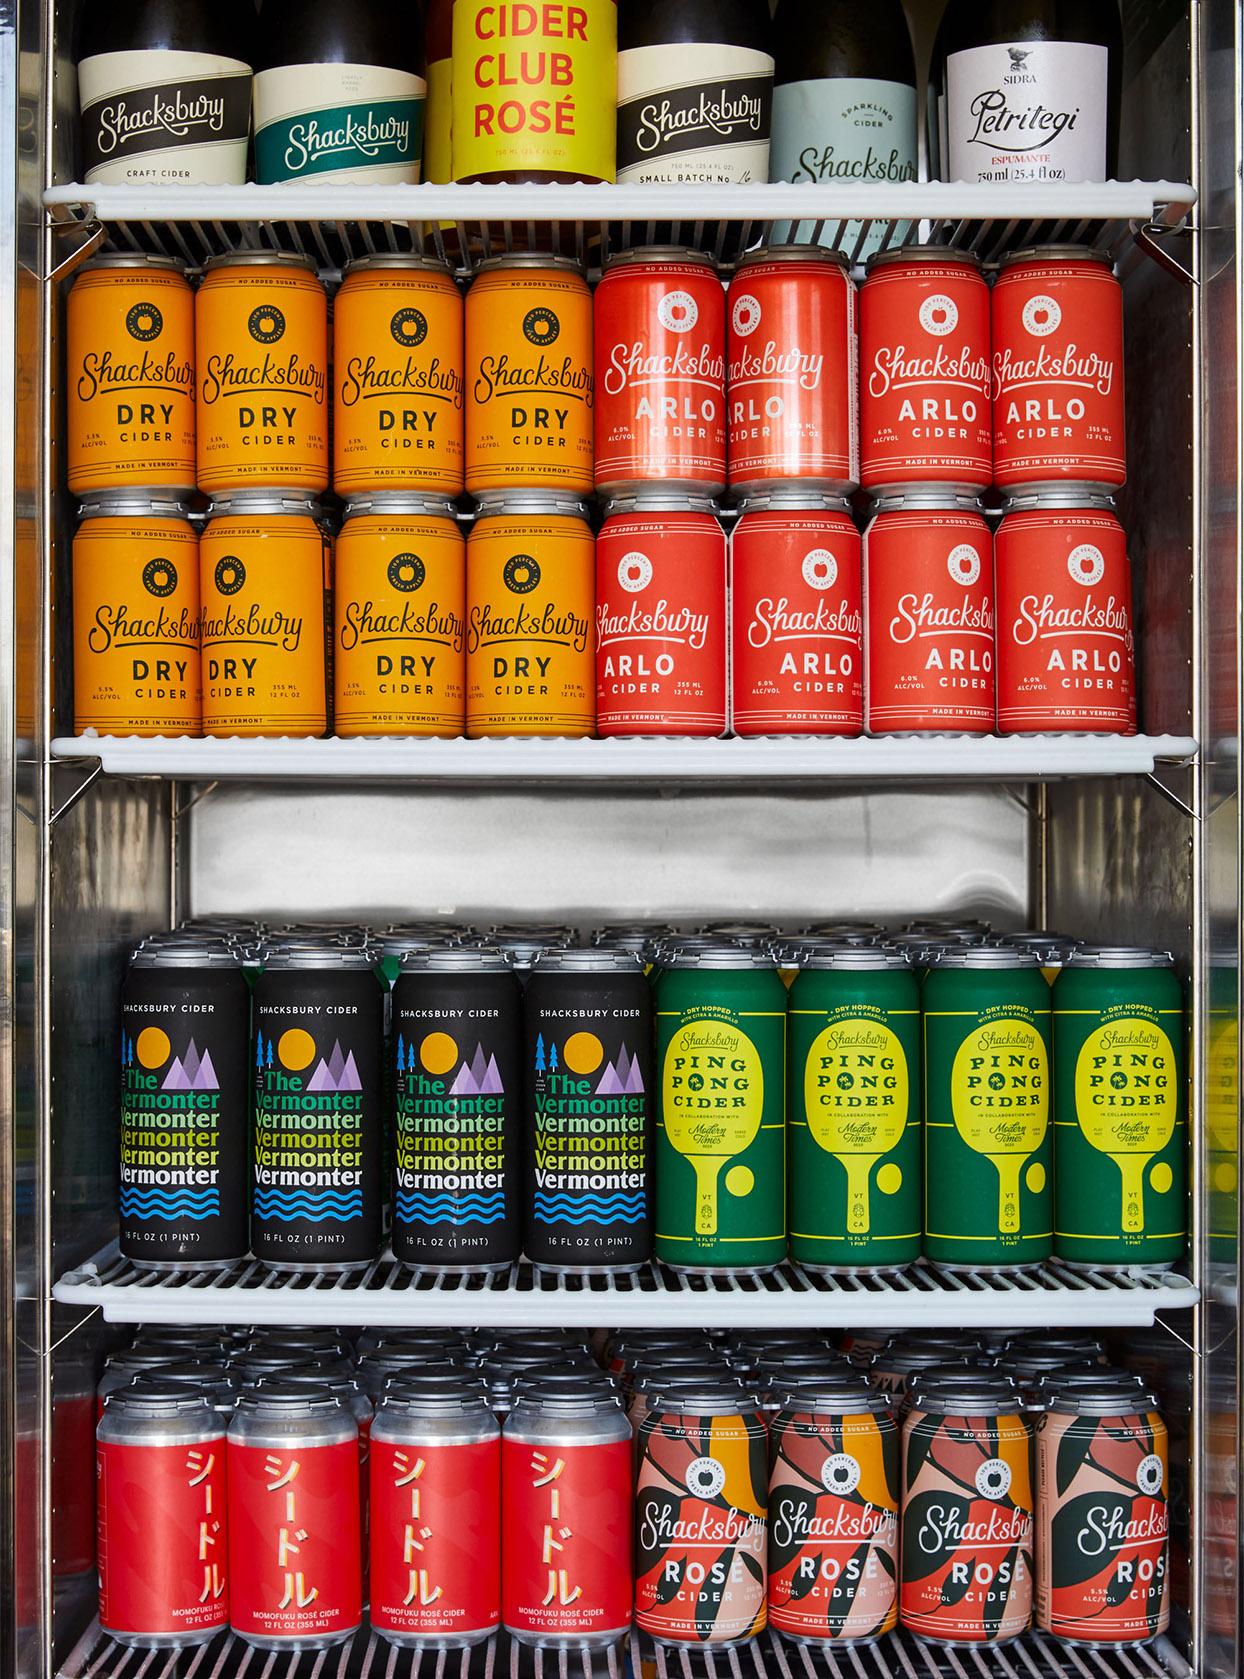 tasting room cider cans